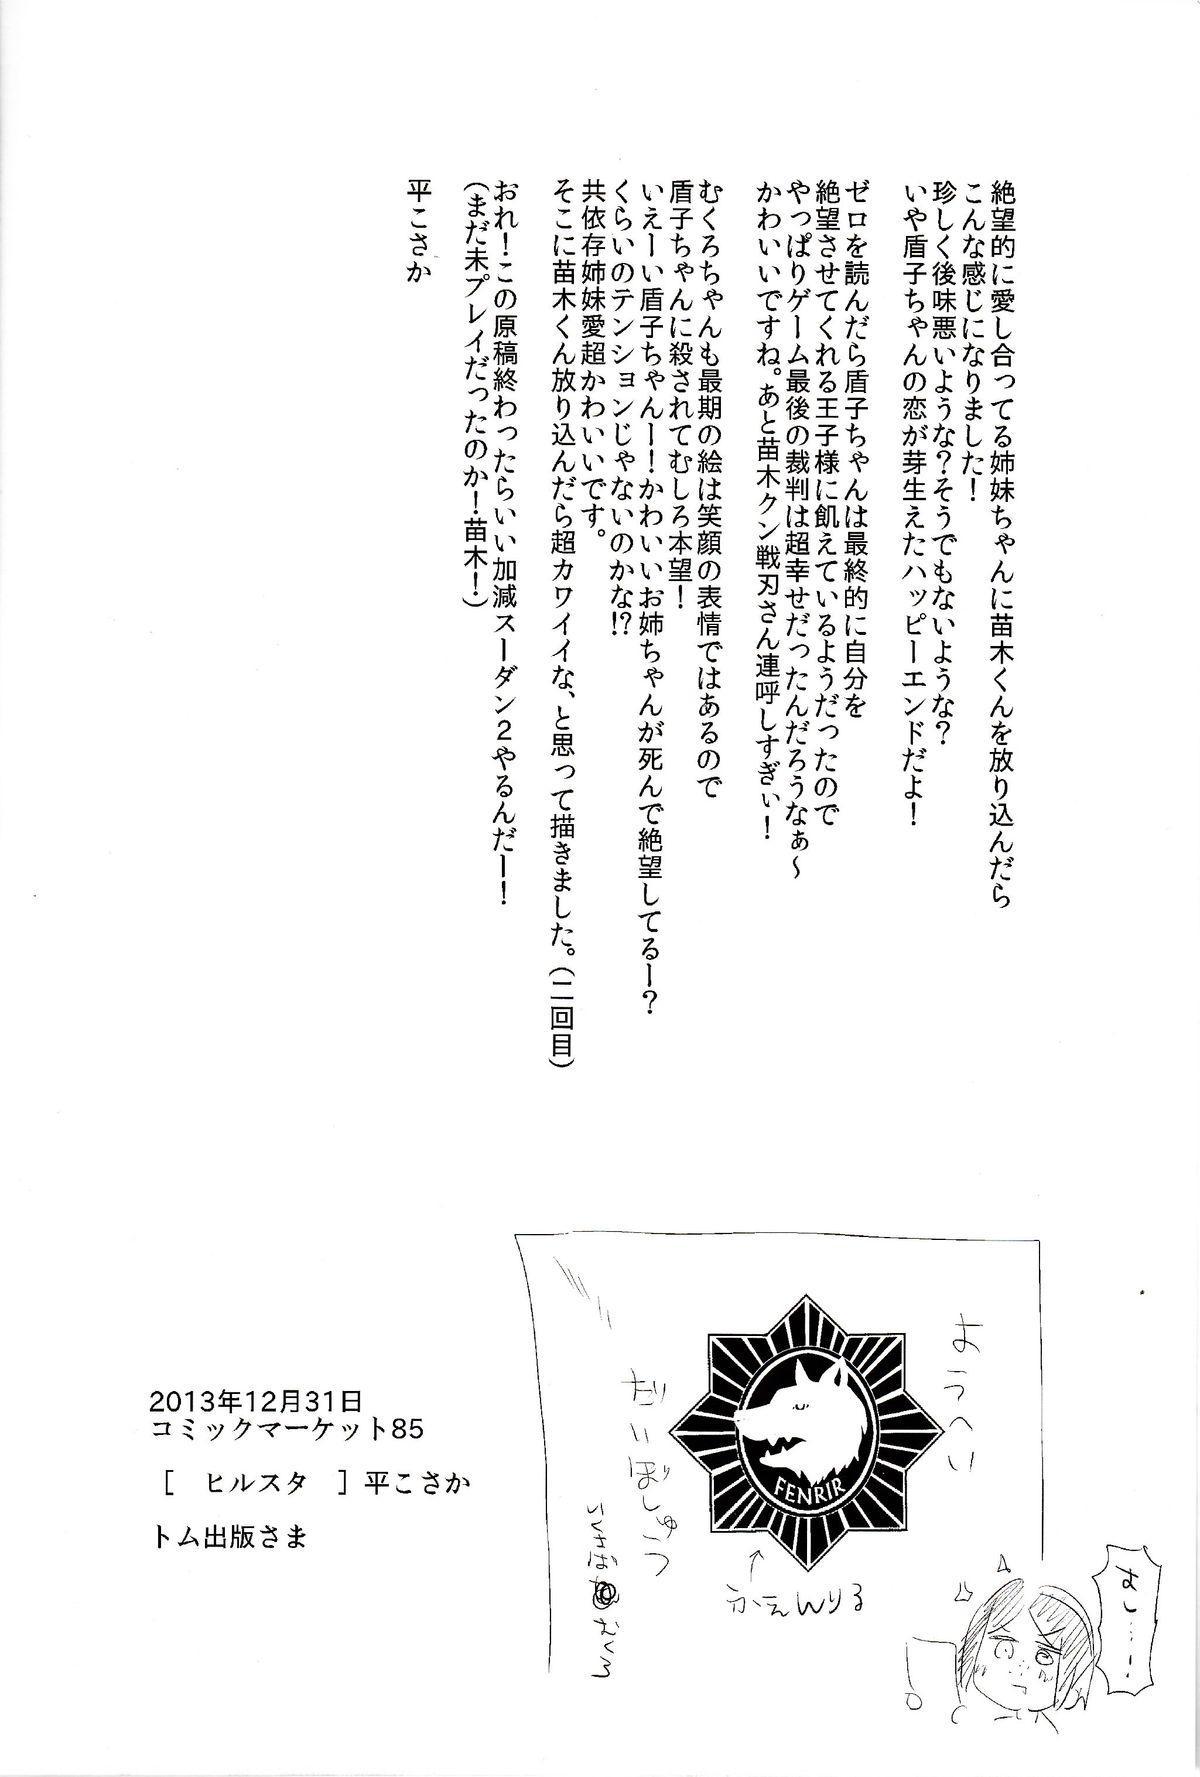 Zetsubou☆Locker Room ~Zetsubou☆Rocker Room~ 2